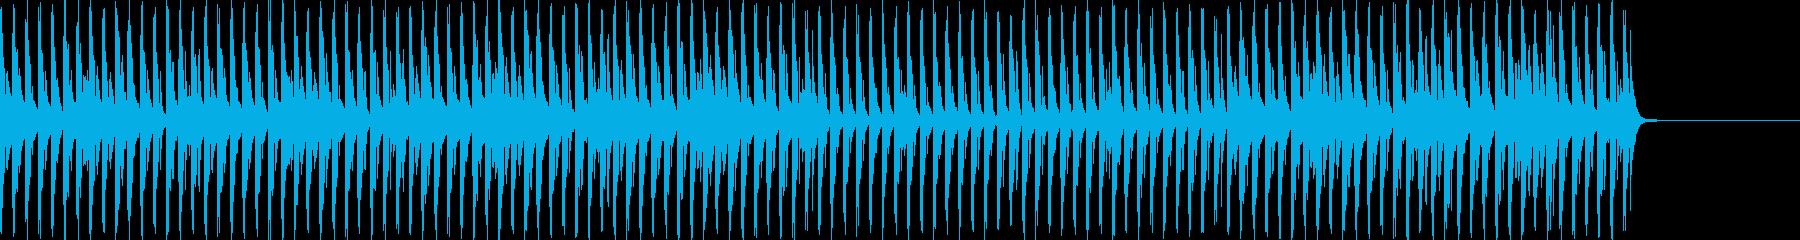 琴主体の和風の4つ打ちの再生済みの波形